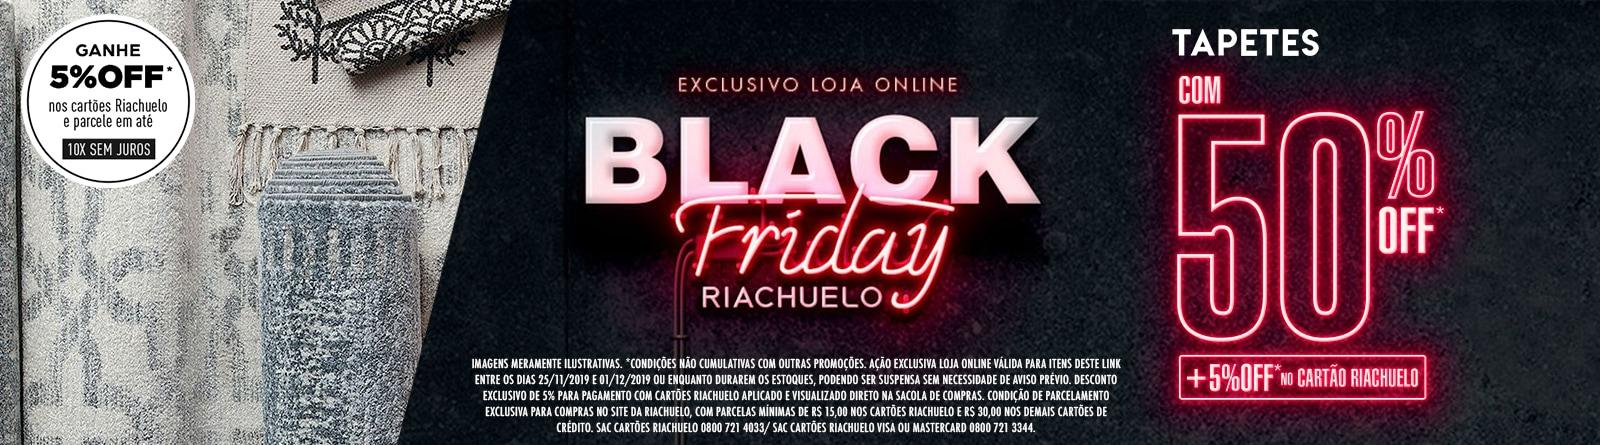 Riachuelo - Black Friday TAPETES COM 50% OFF